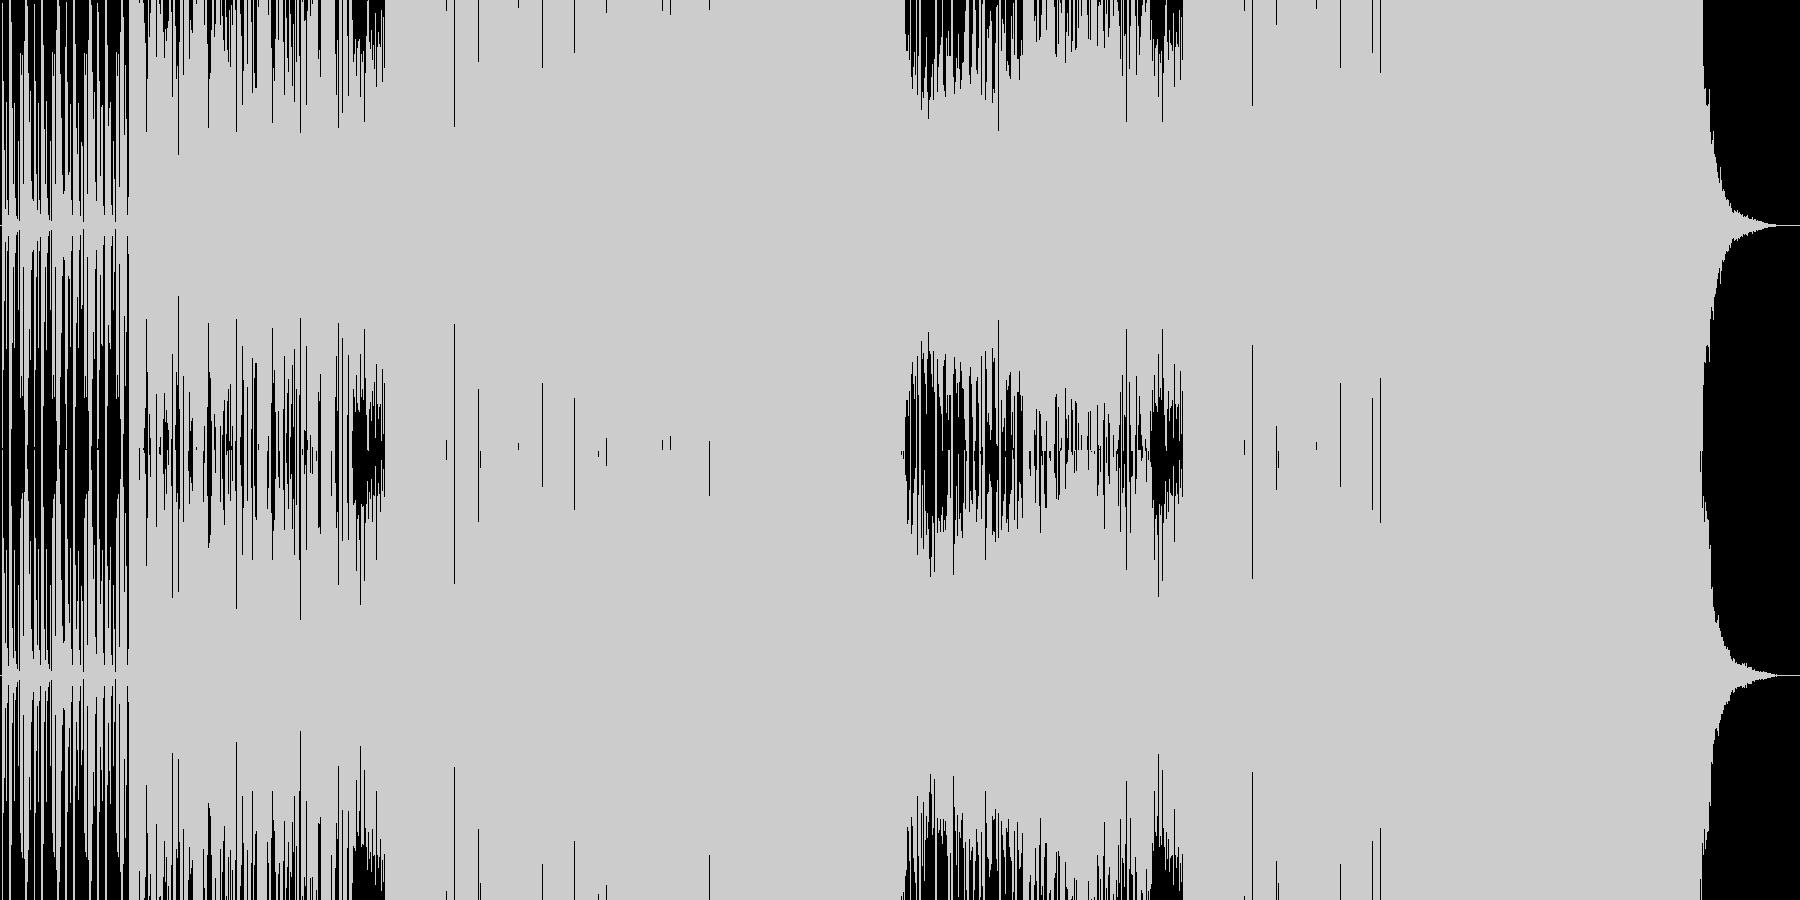 ノリの良い踊れるEDMの未再生の波形